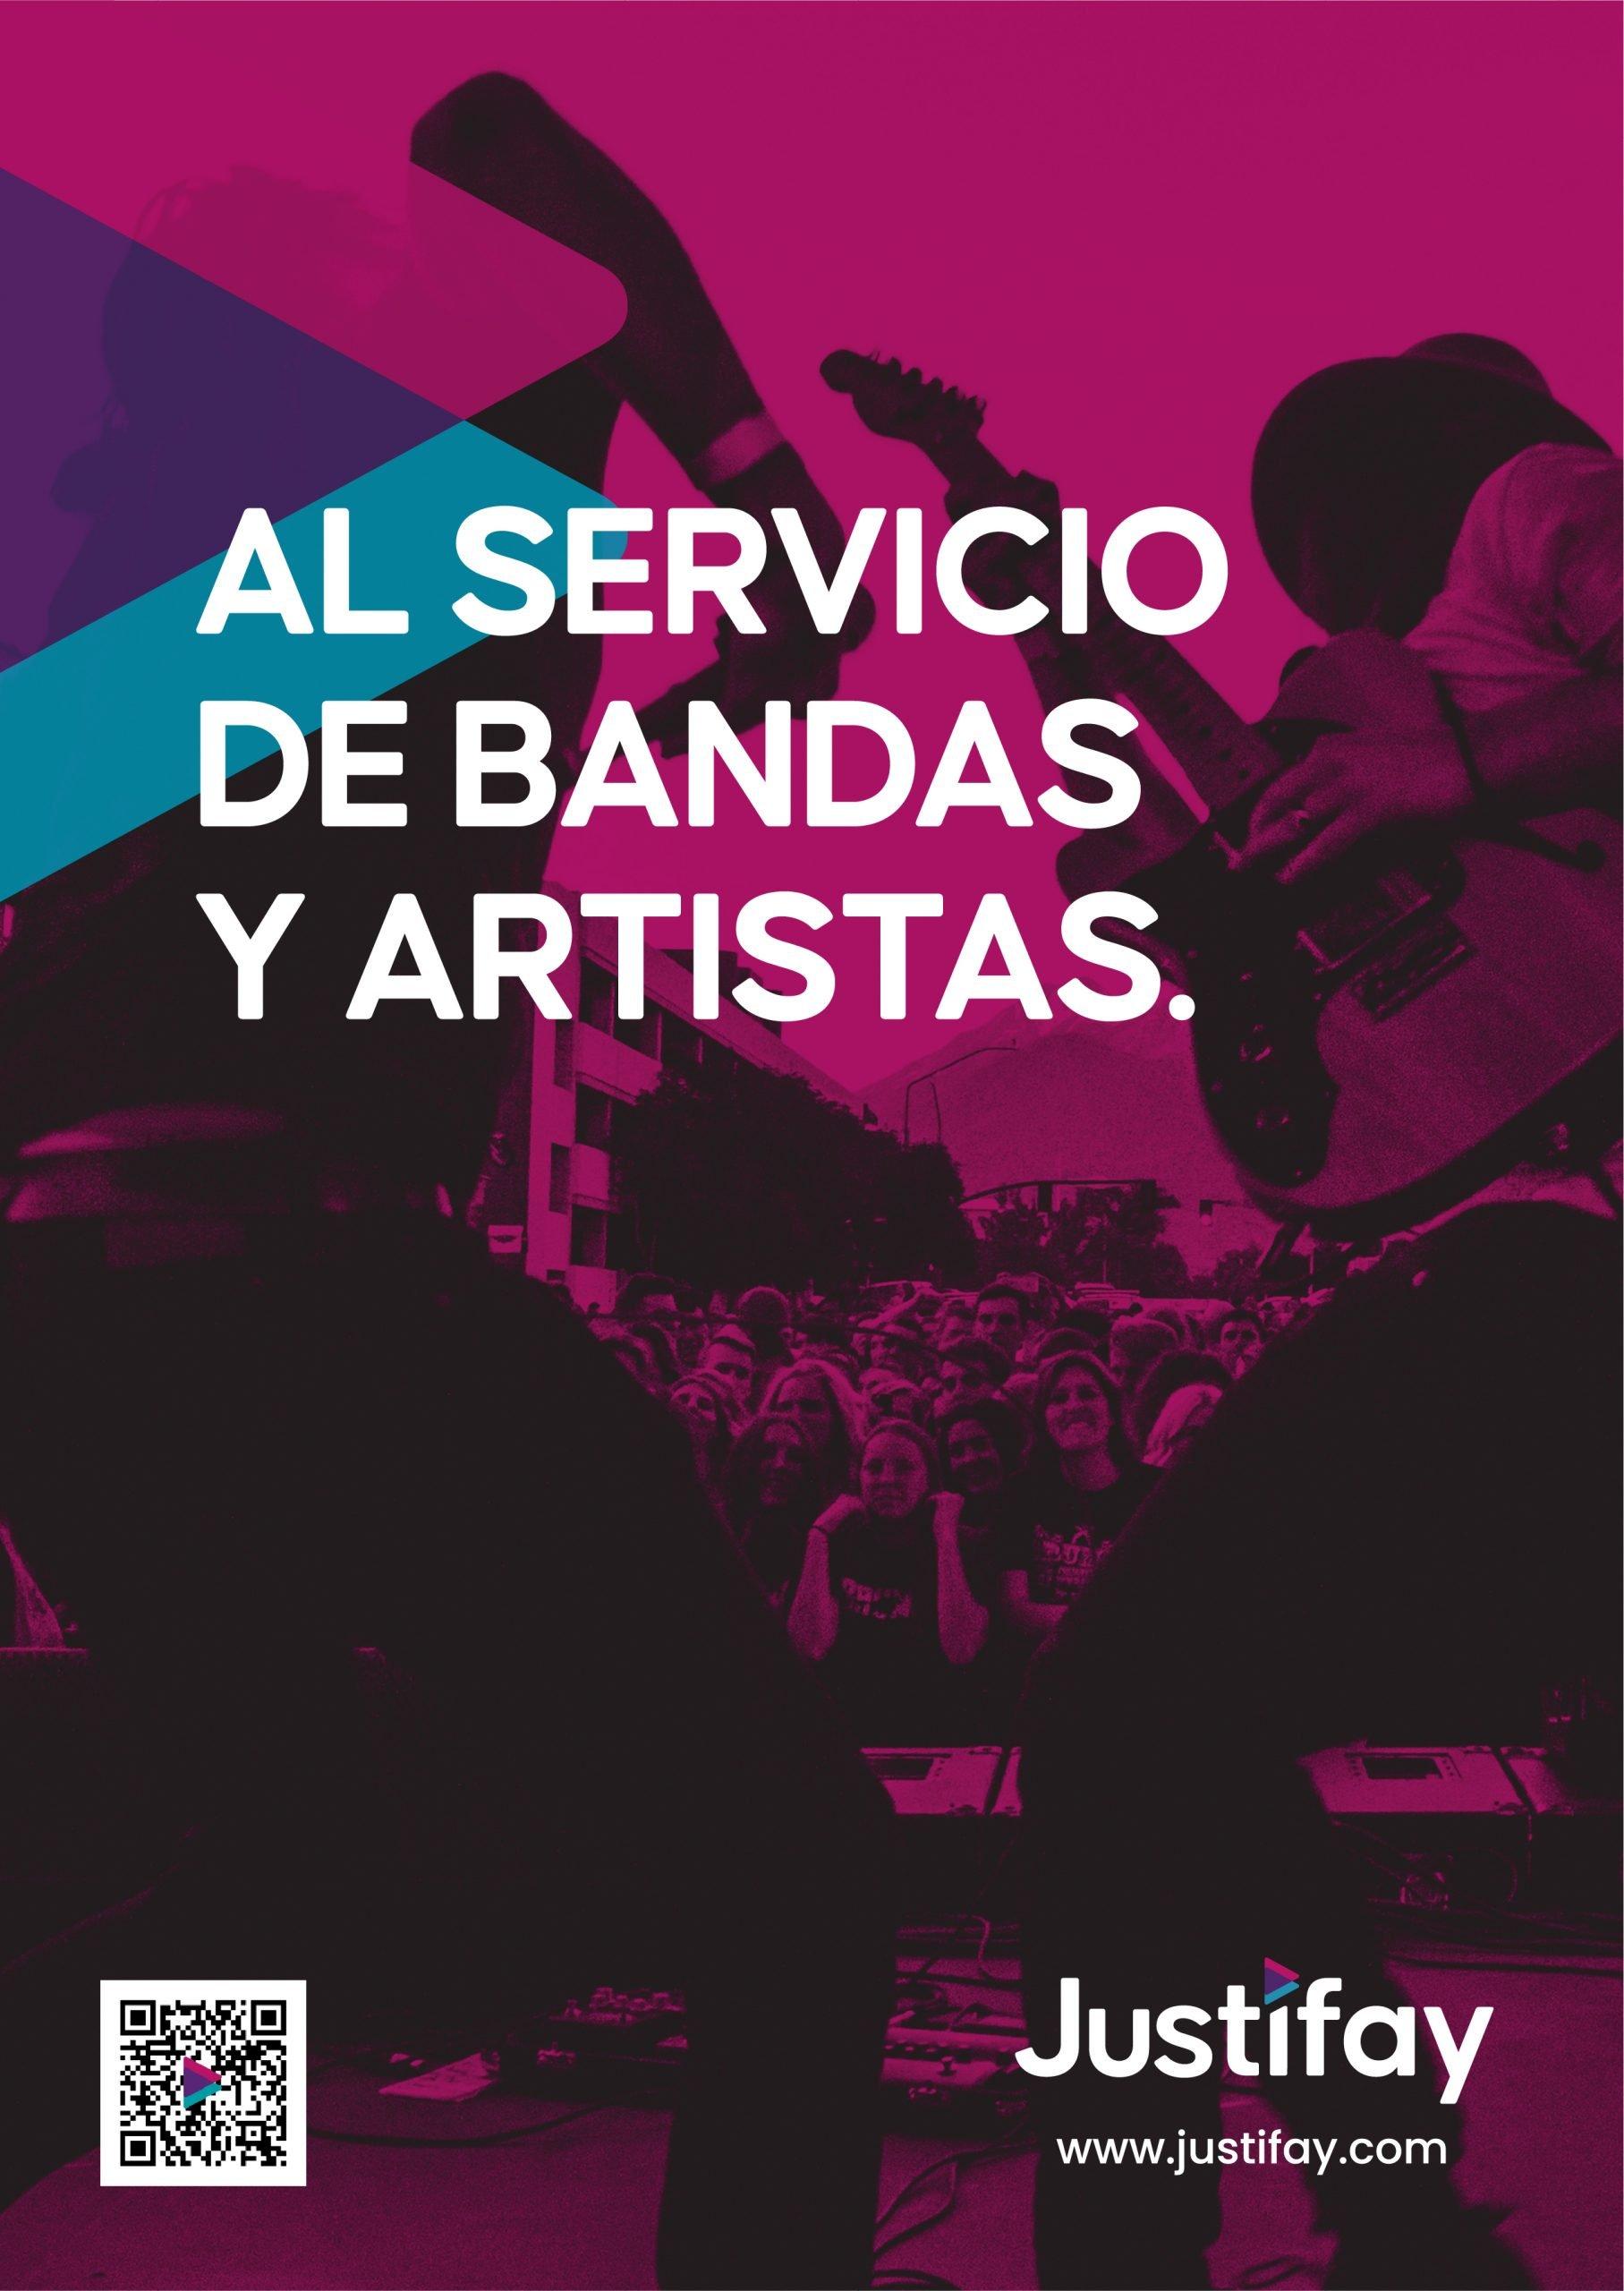 JUSTIFAY cartel A4 - Bandas y Artistas